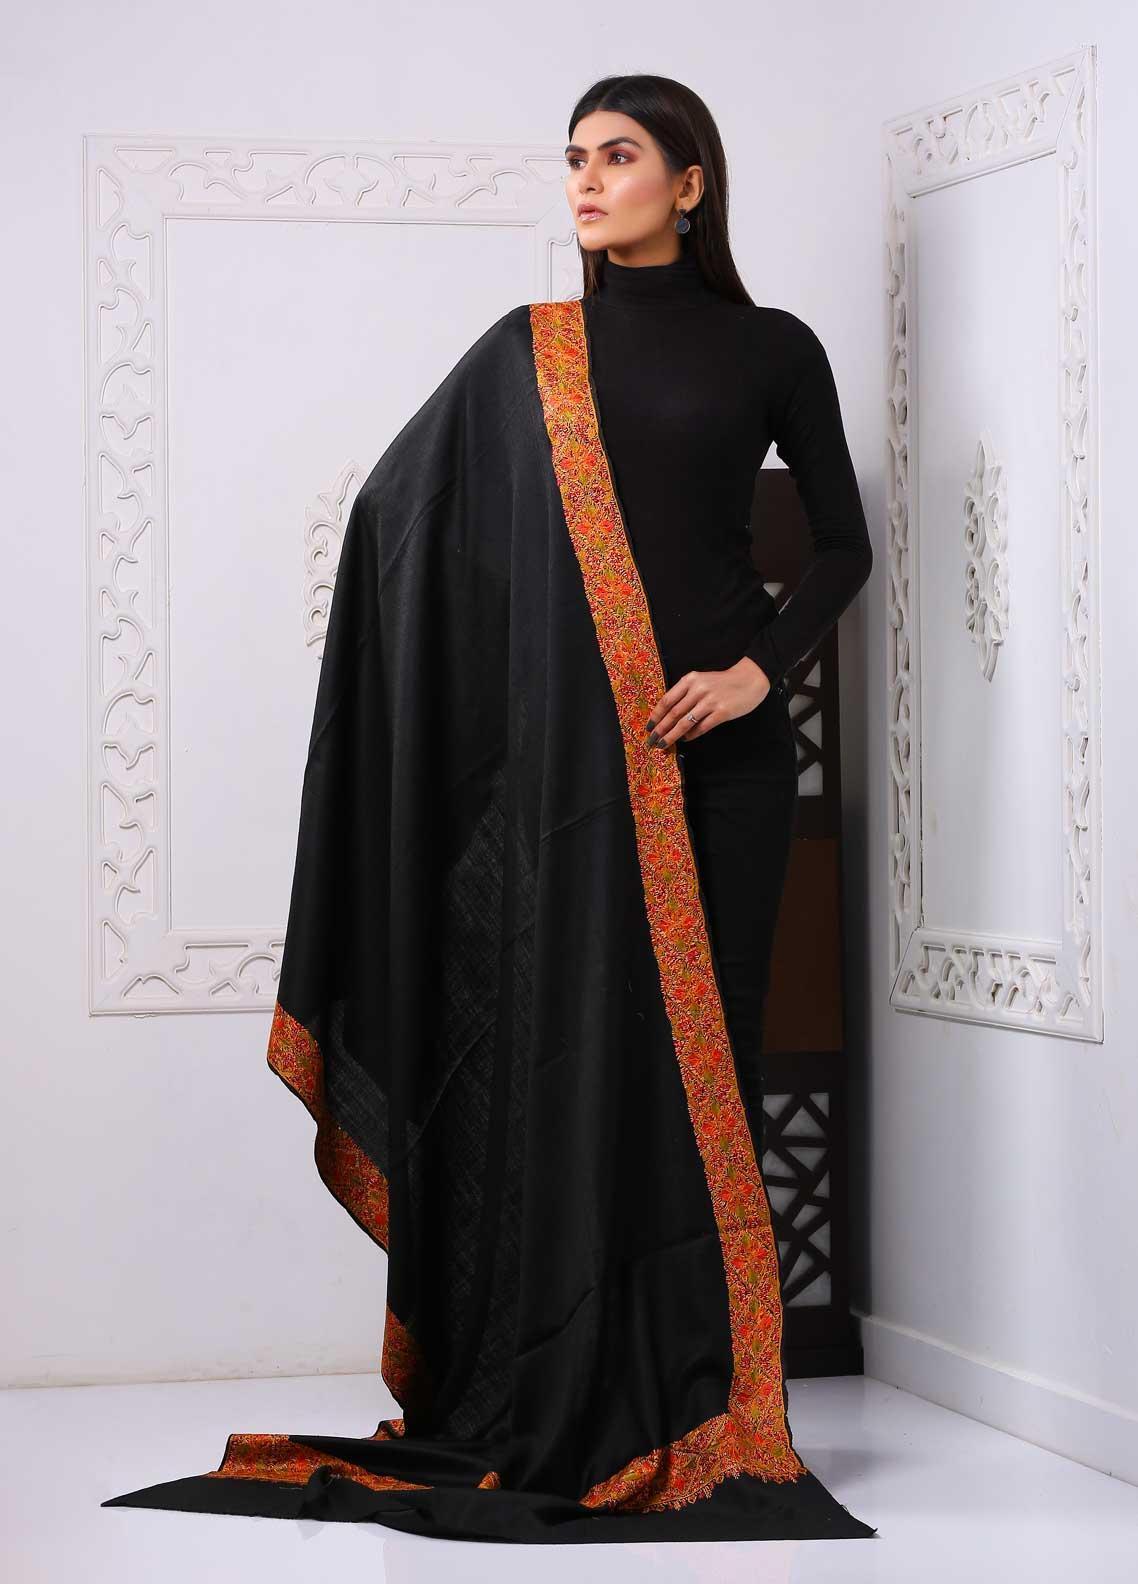 Sanaulla Exclusive Range Embroidered Premium Pashmina  Shawl PRMSH 323846 - Premium Pashmina Shawls